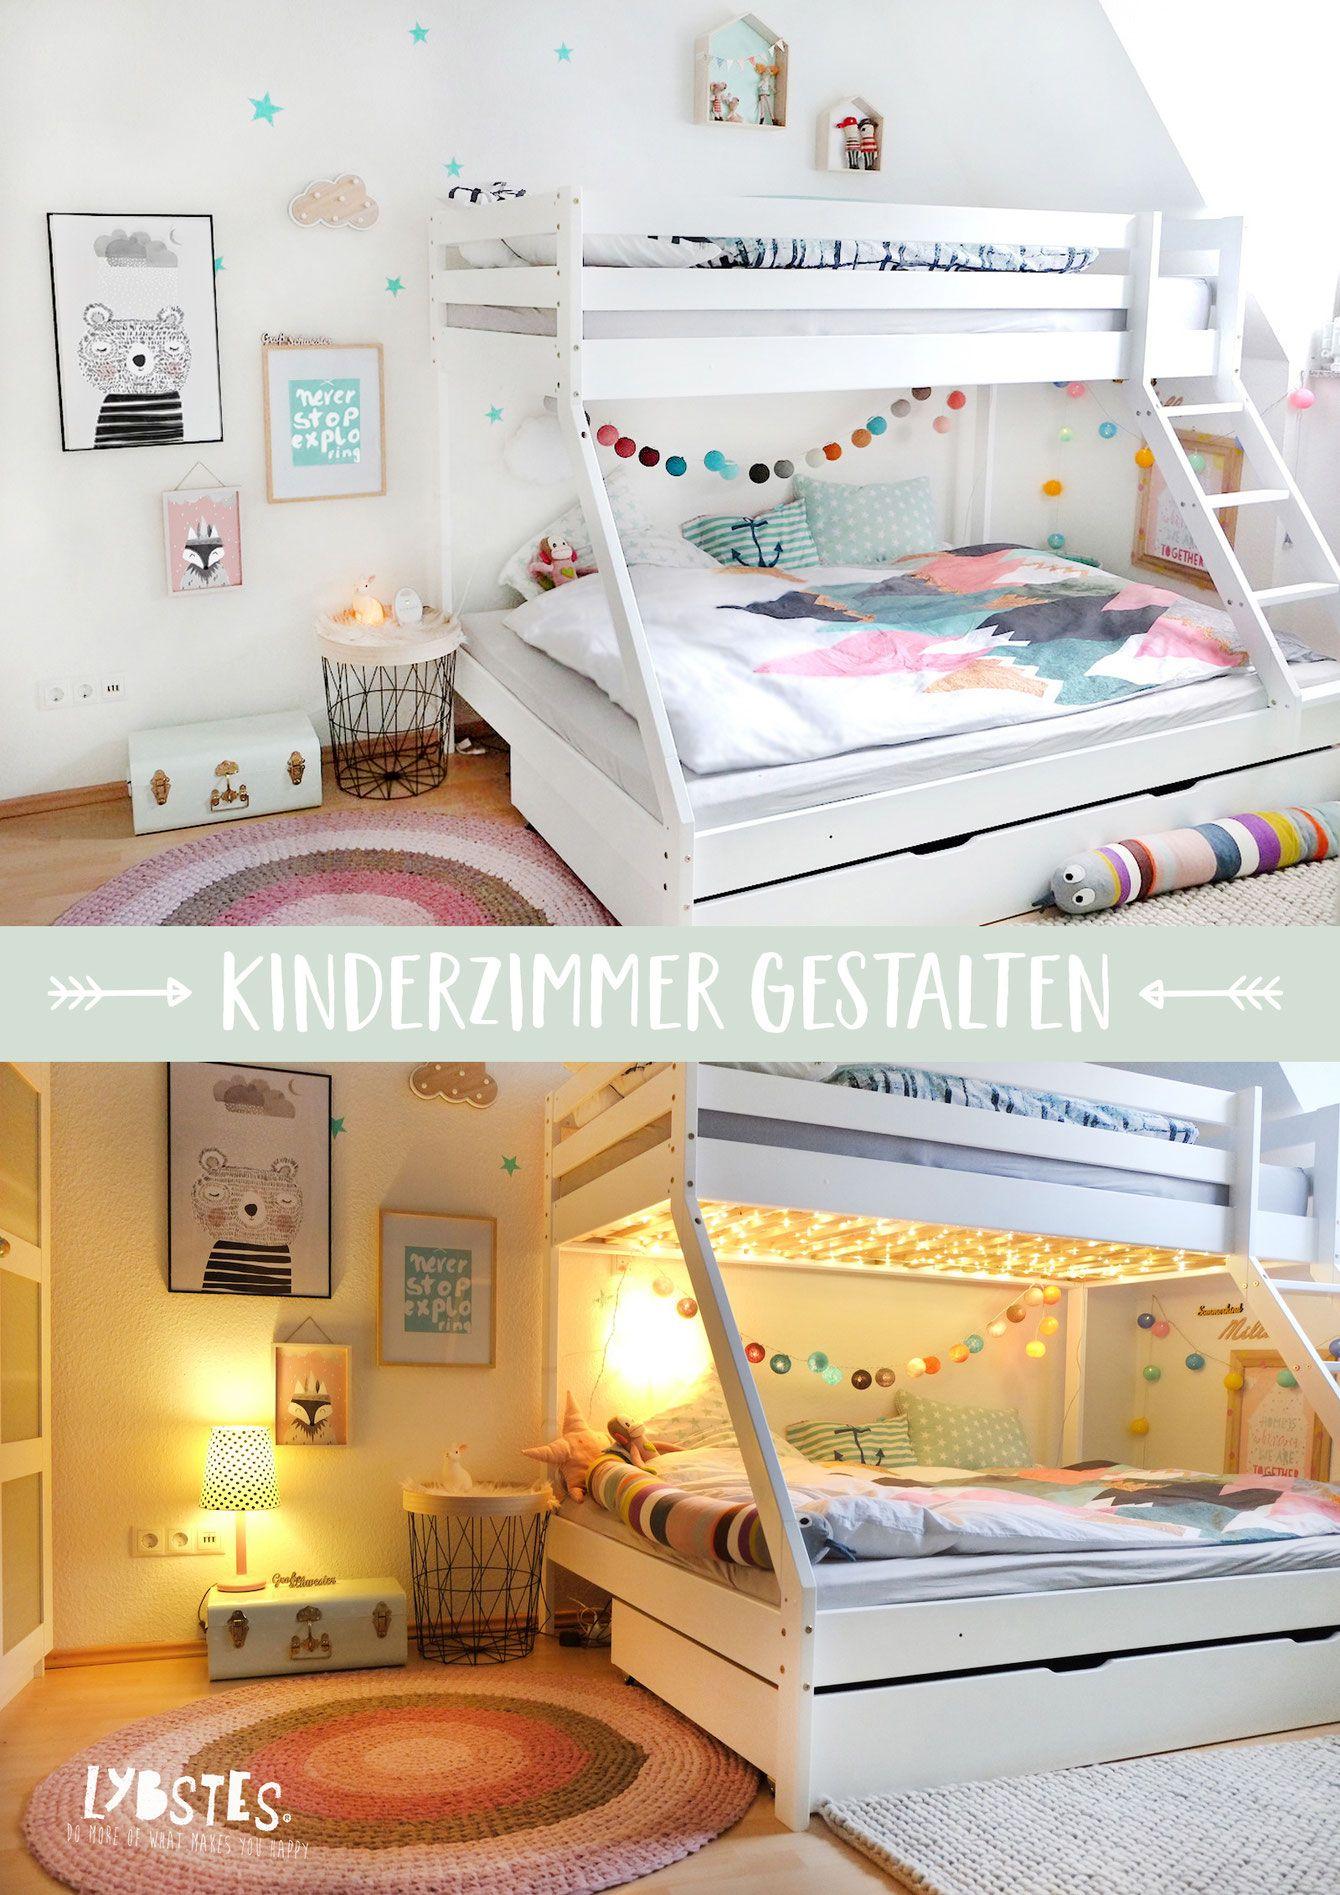 Kinderzimmer Gemütlich Gestalten | Lybstes Kinderzimmer Gestalten Mit Hochbett Gemutlicher Beleuchtung